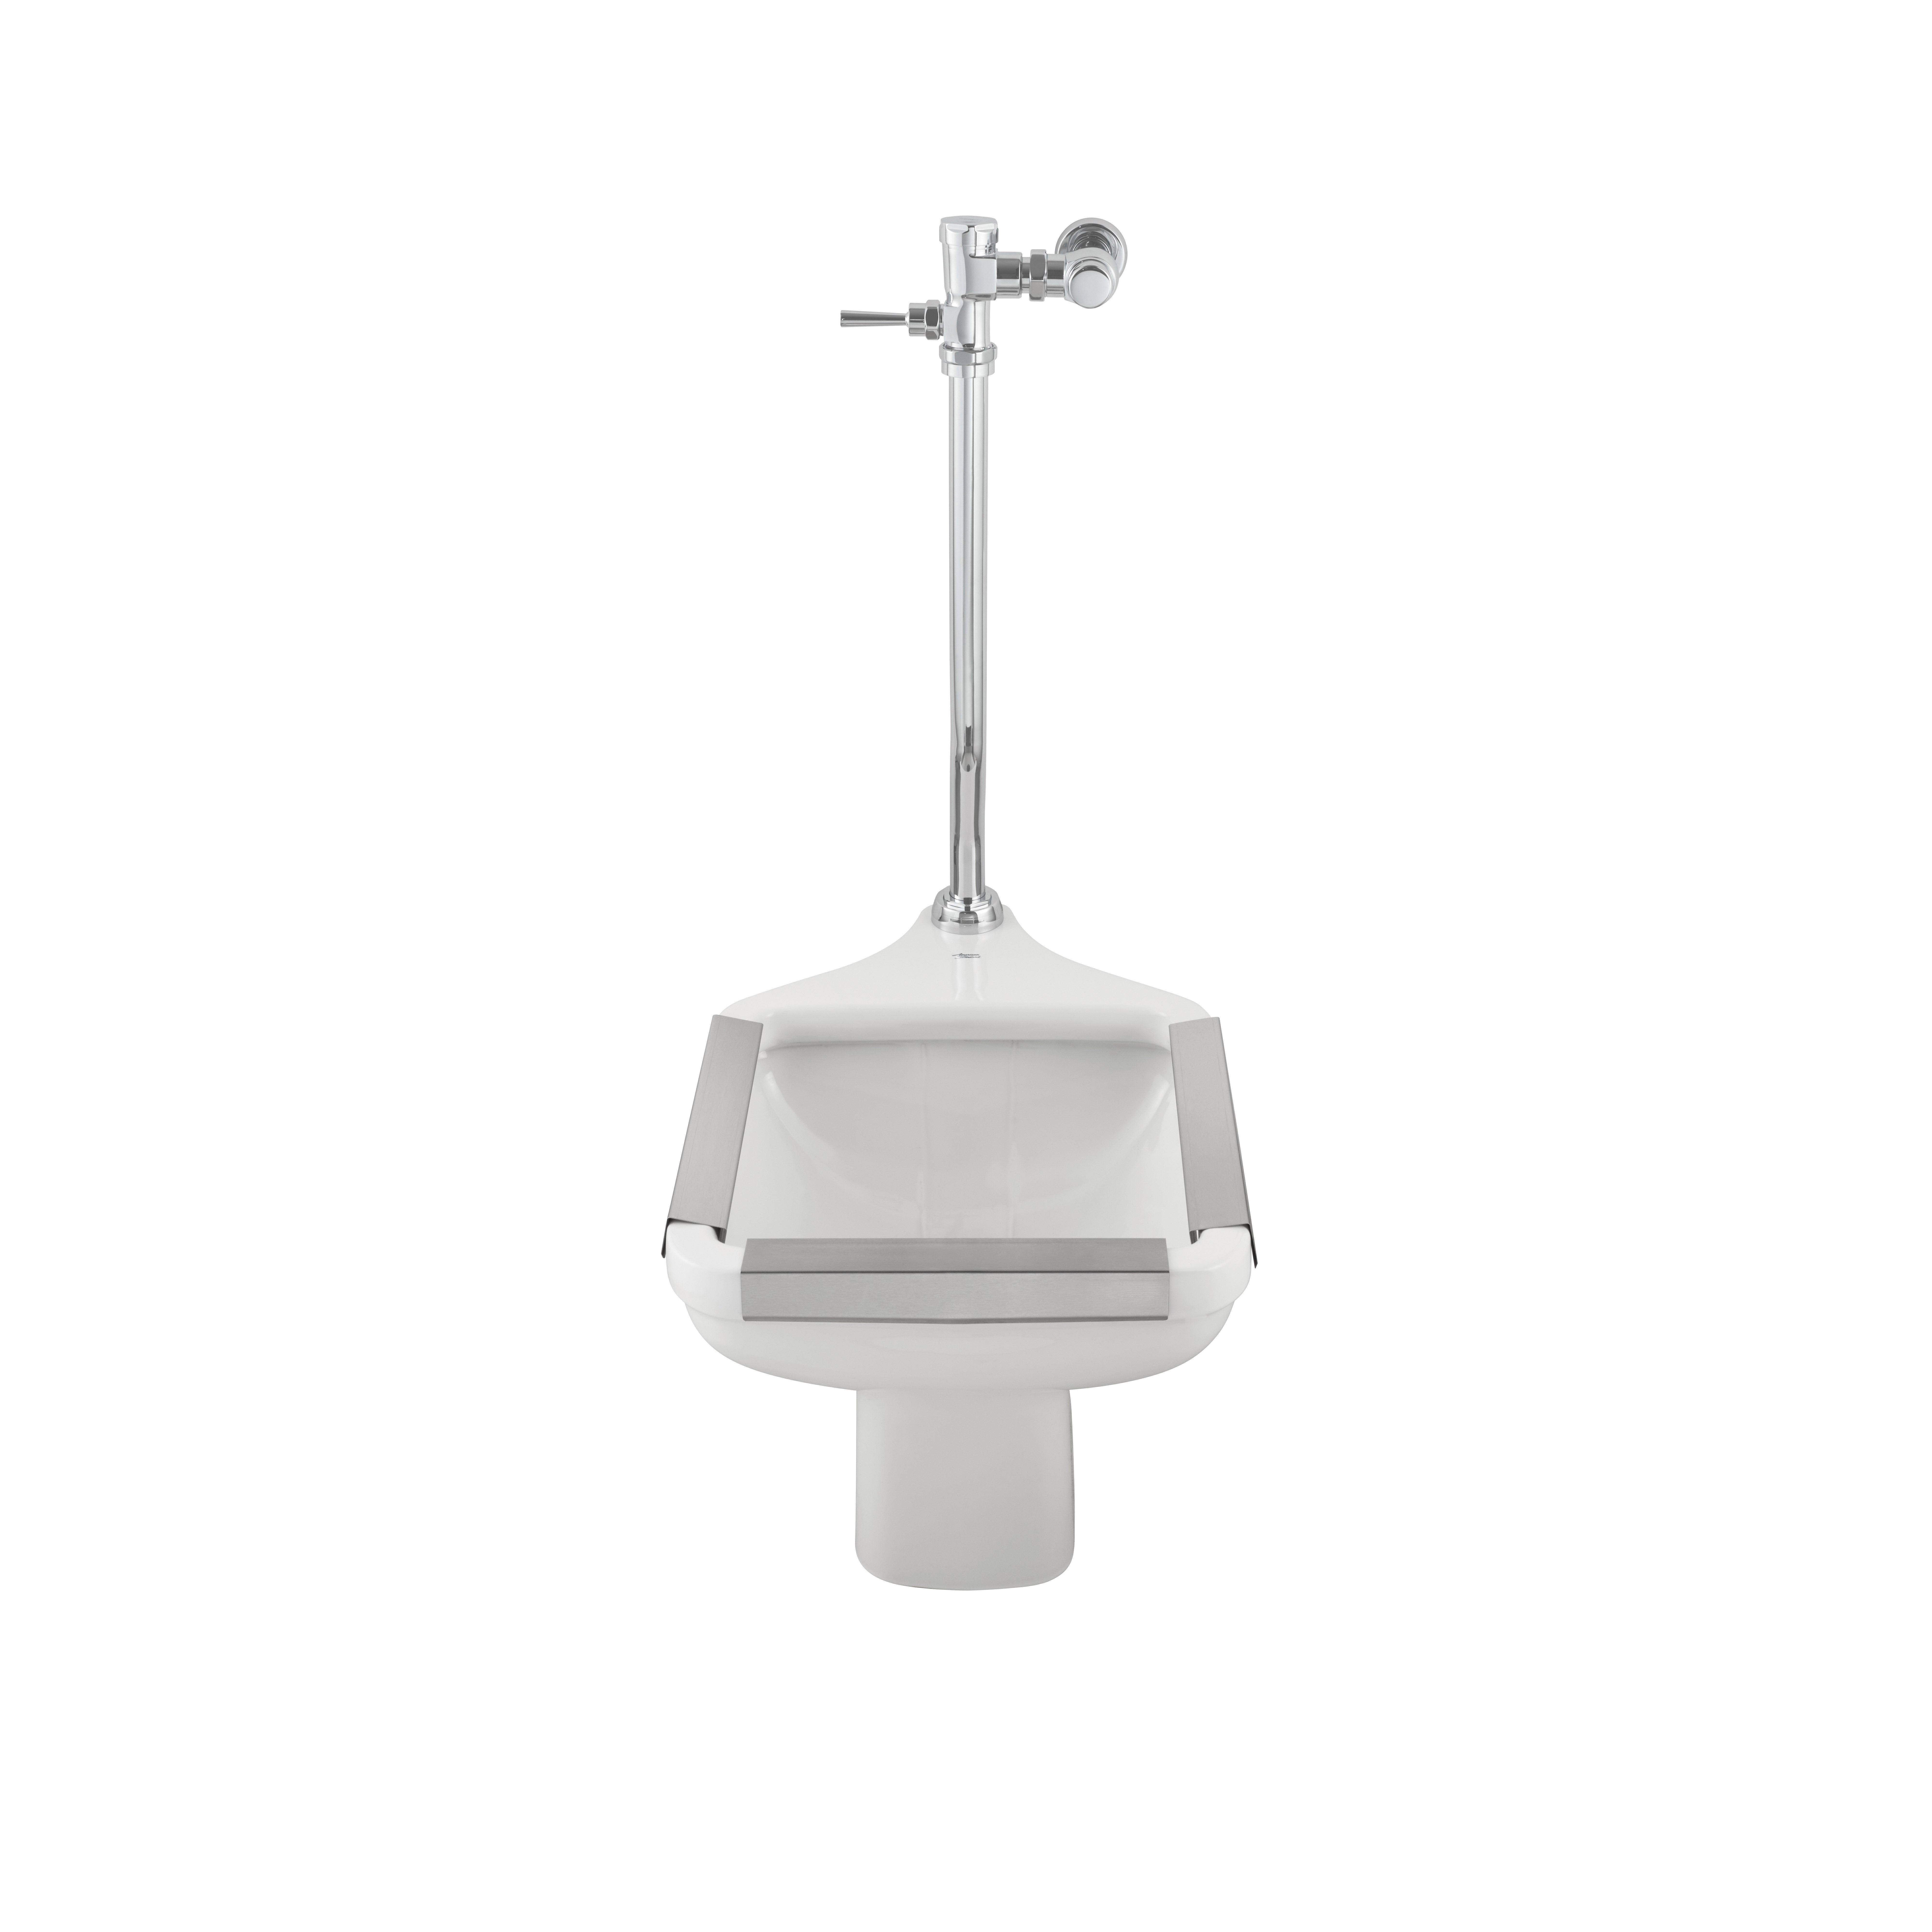 American Standard 710098-201.081 Pedestal Base, 28 in L x 14 in W x 10 in H, Terrazzo, Domestic